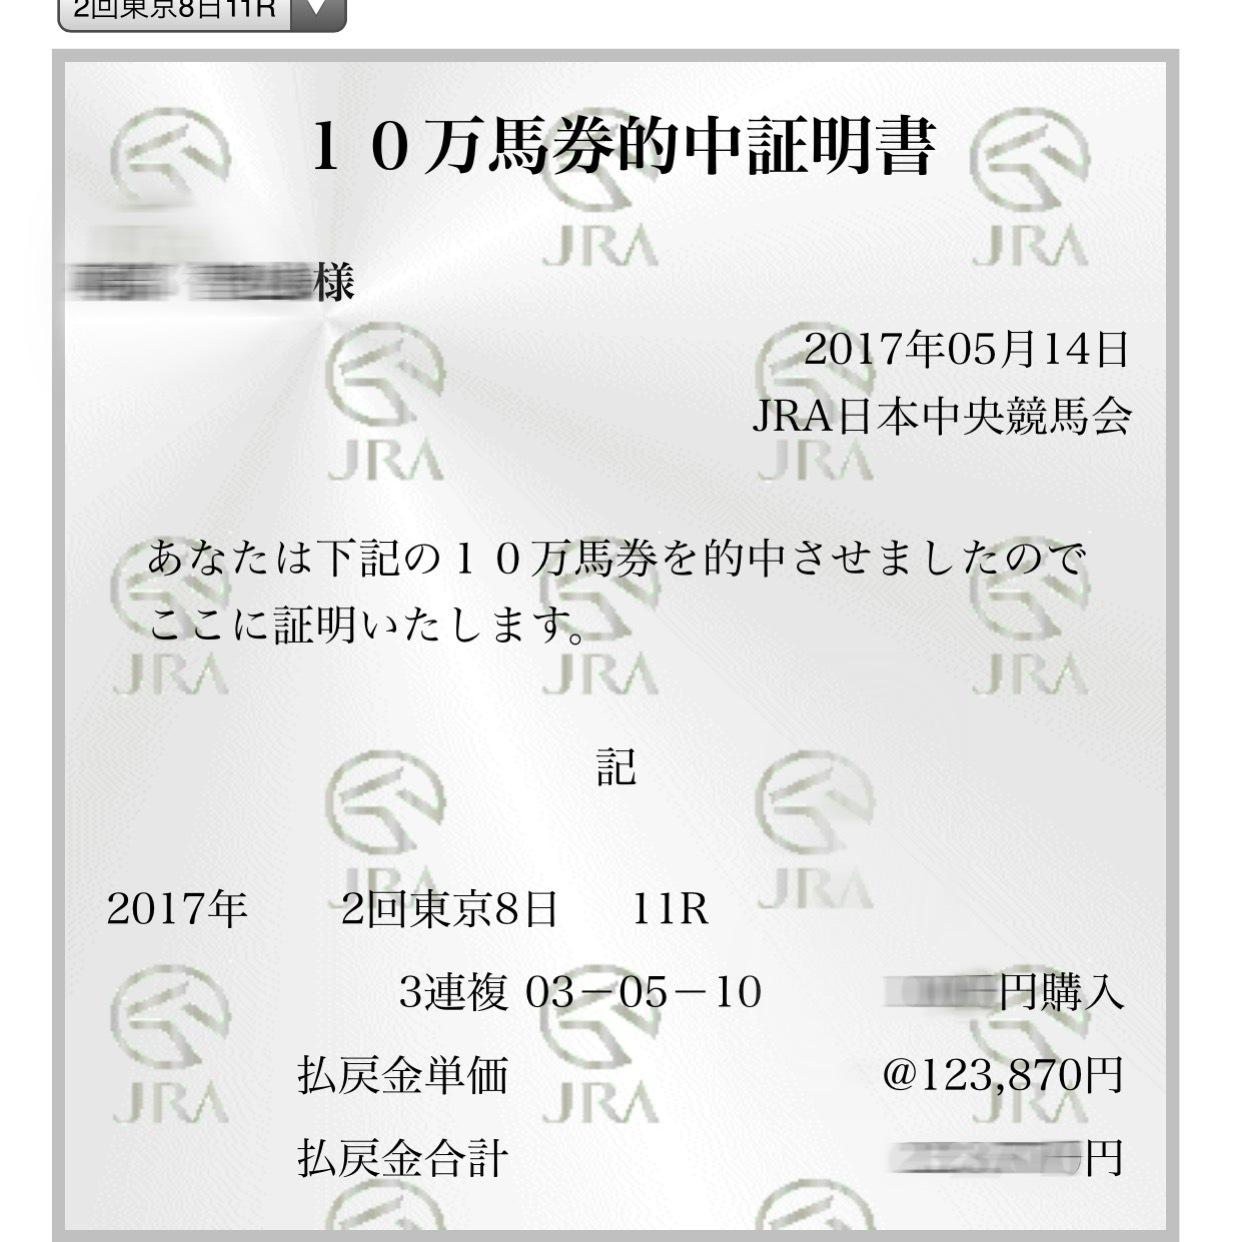 20170515130043535.jpg